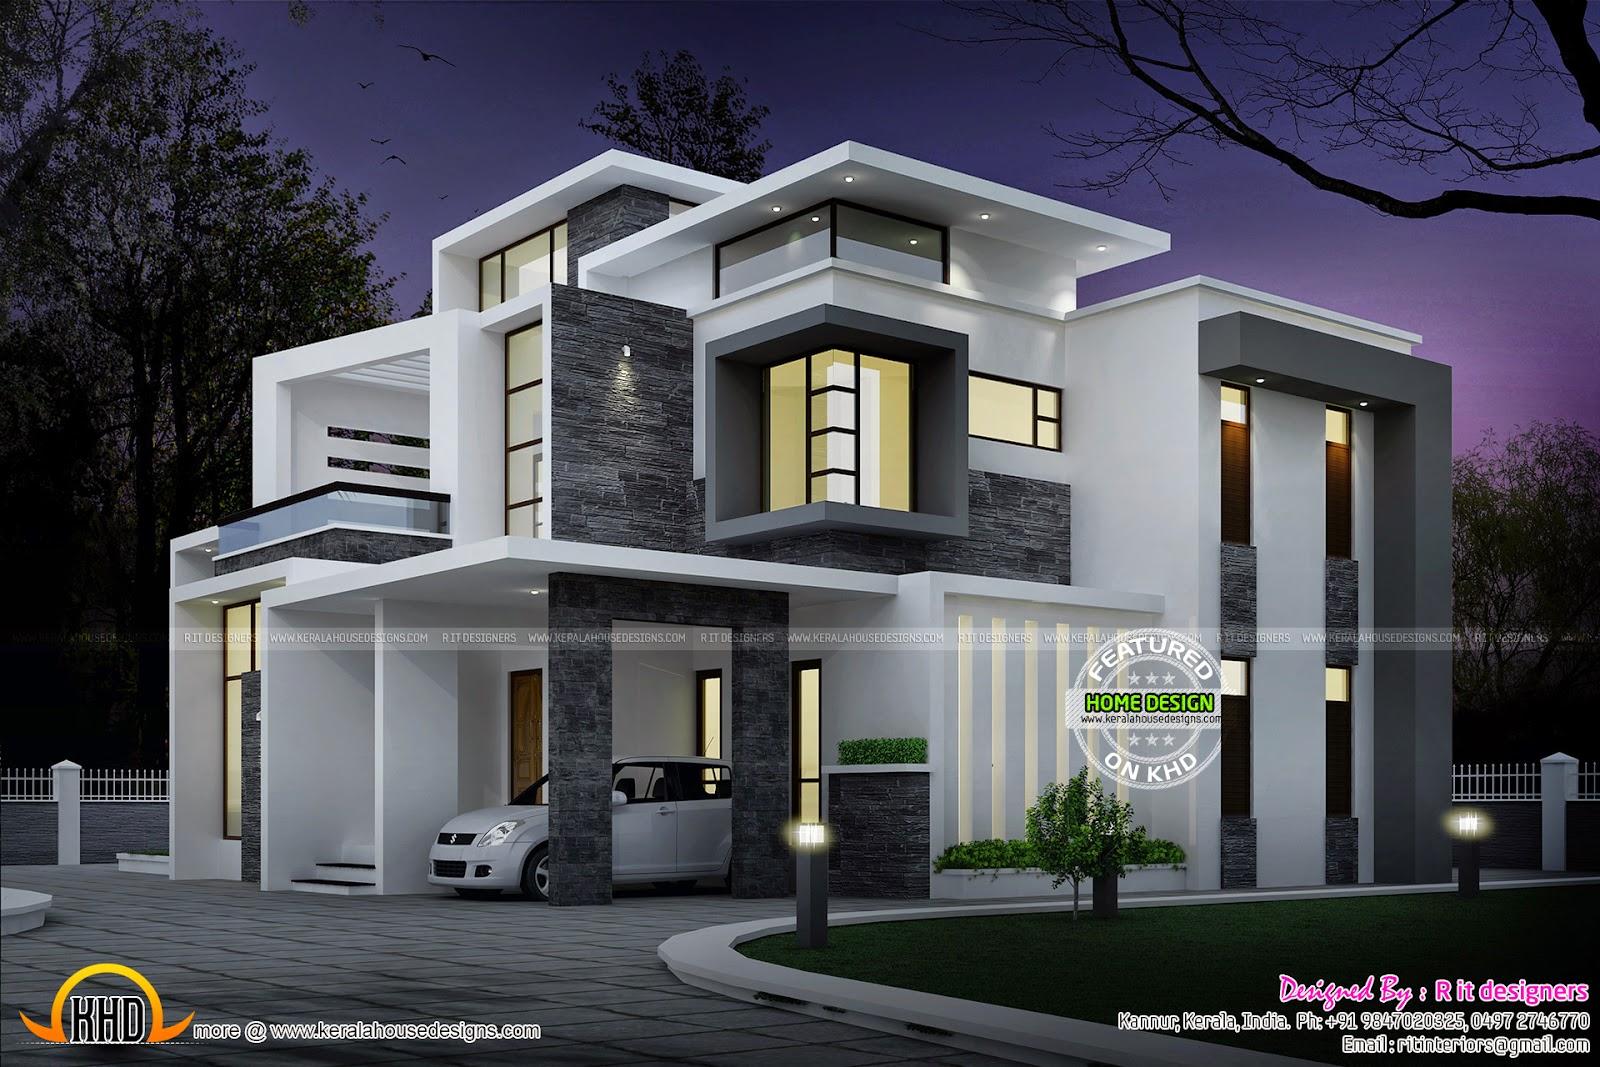 Grand contemporary home design - Kerala home design and ...